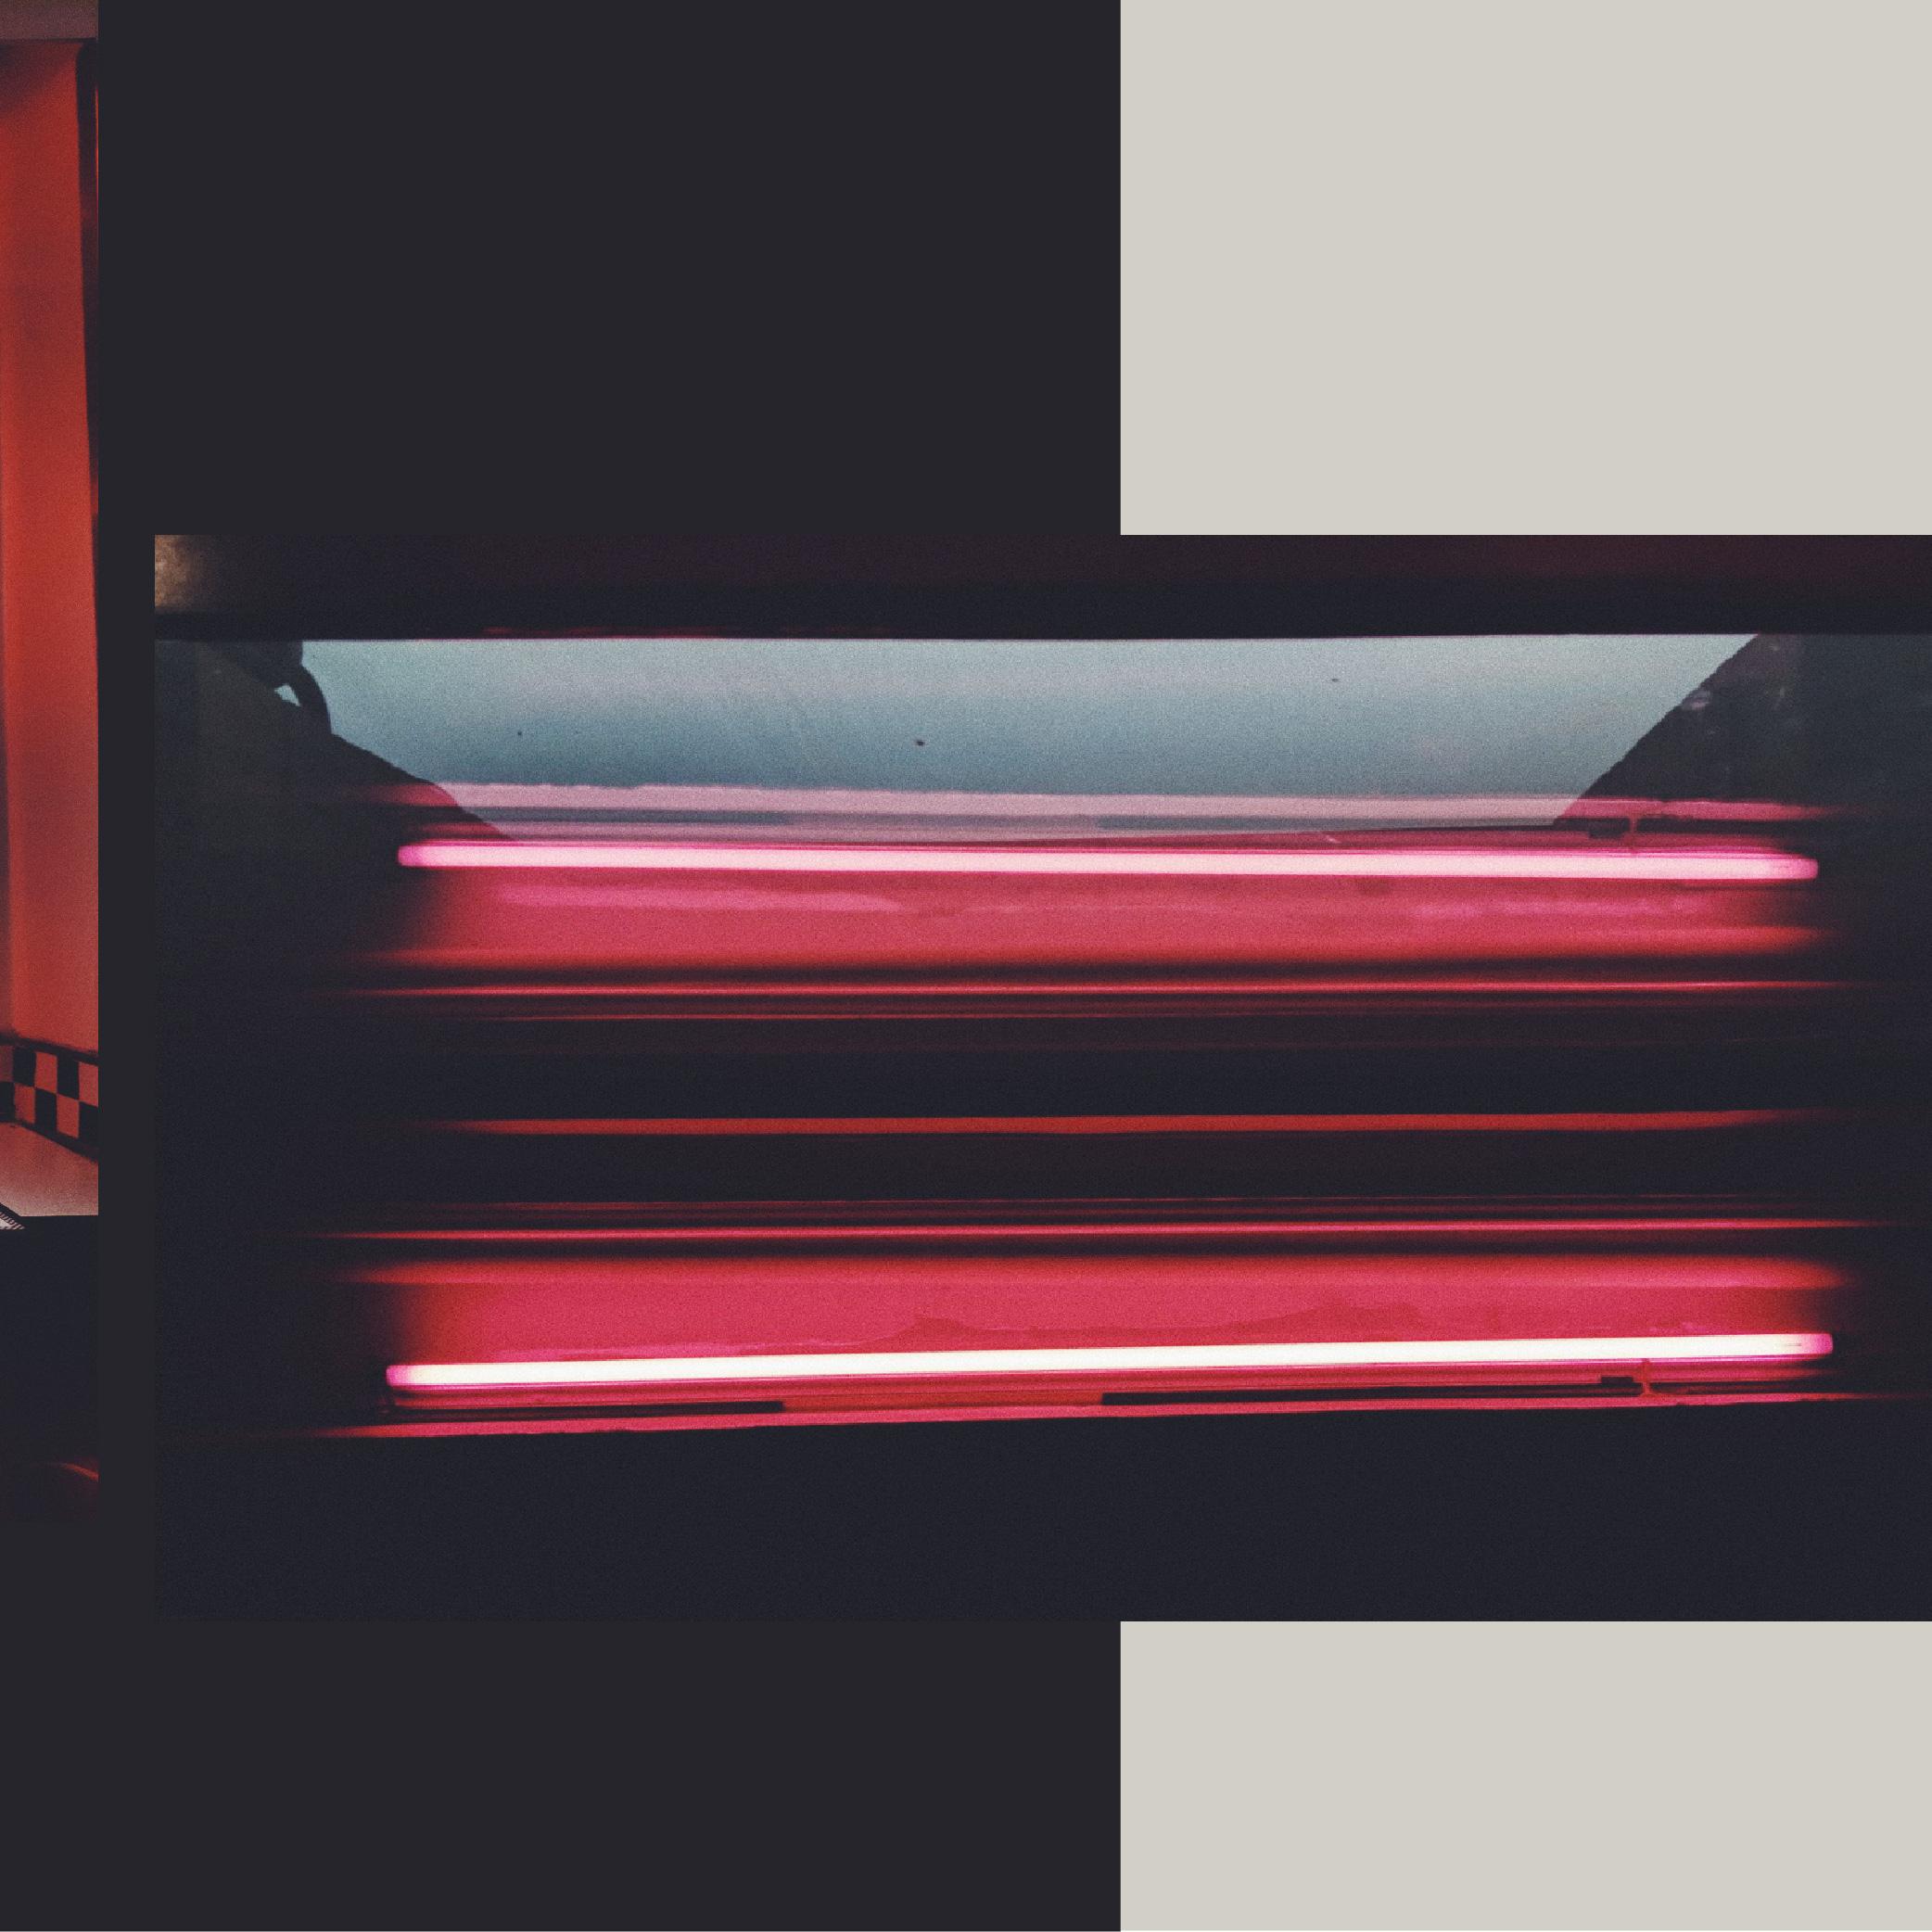 DIVI_redlight-02.jpg